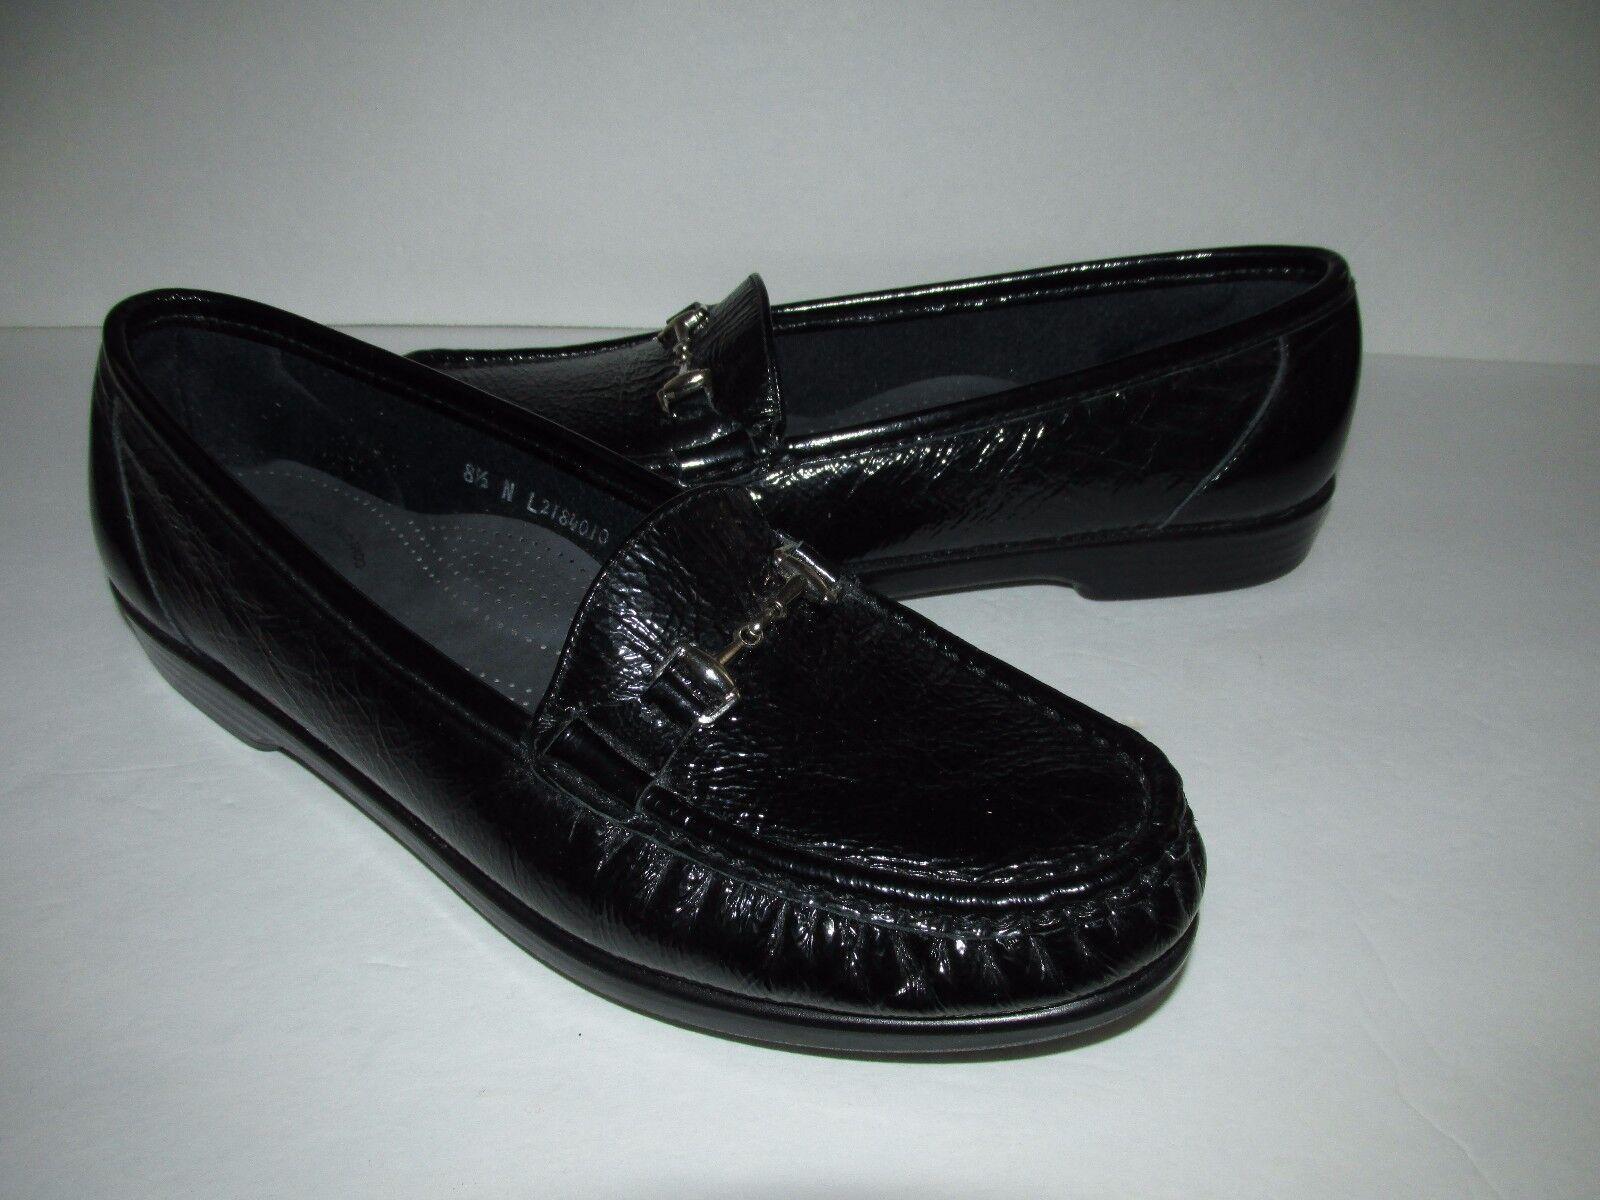 Servicio Aéreo Especial Metro para mujer Talla 8.5N Charol Charol Charol Negro Zapatos Sin Cordones comodidad Tripad  salida de fábrica